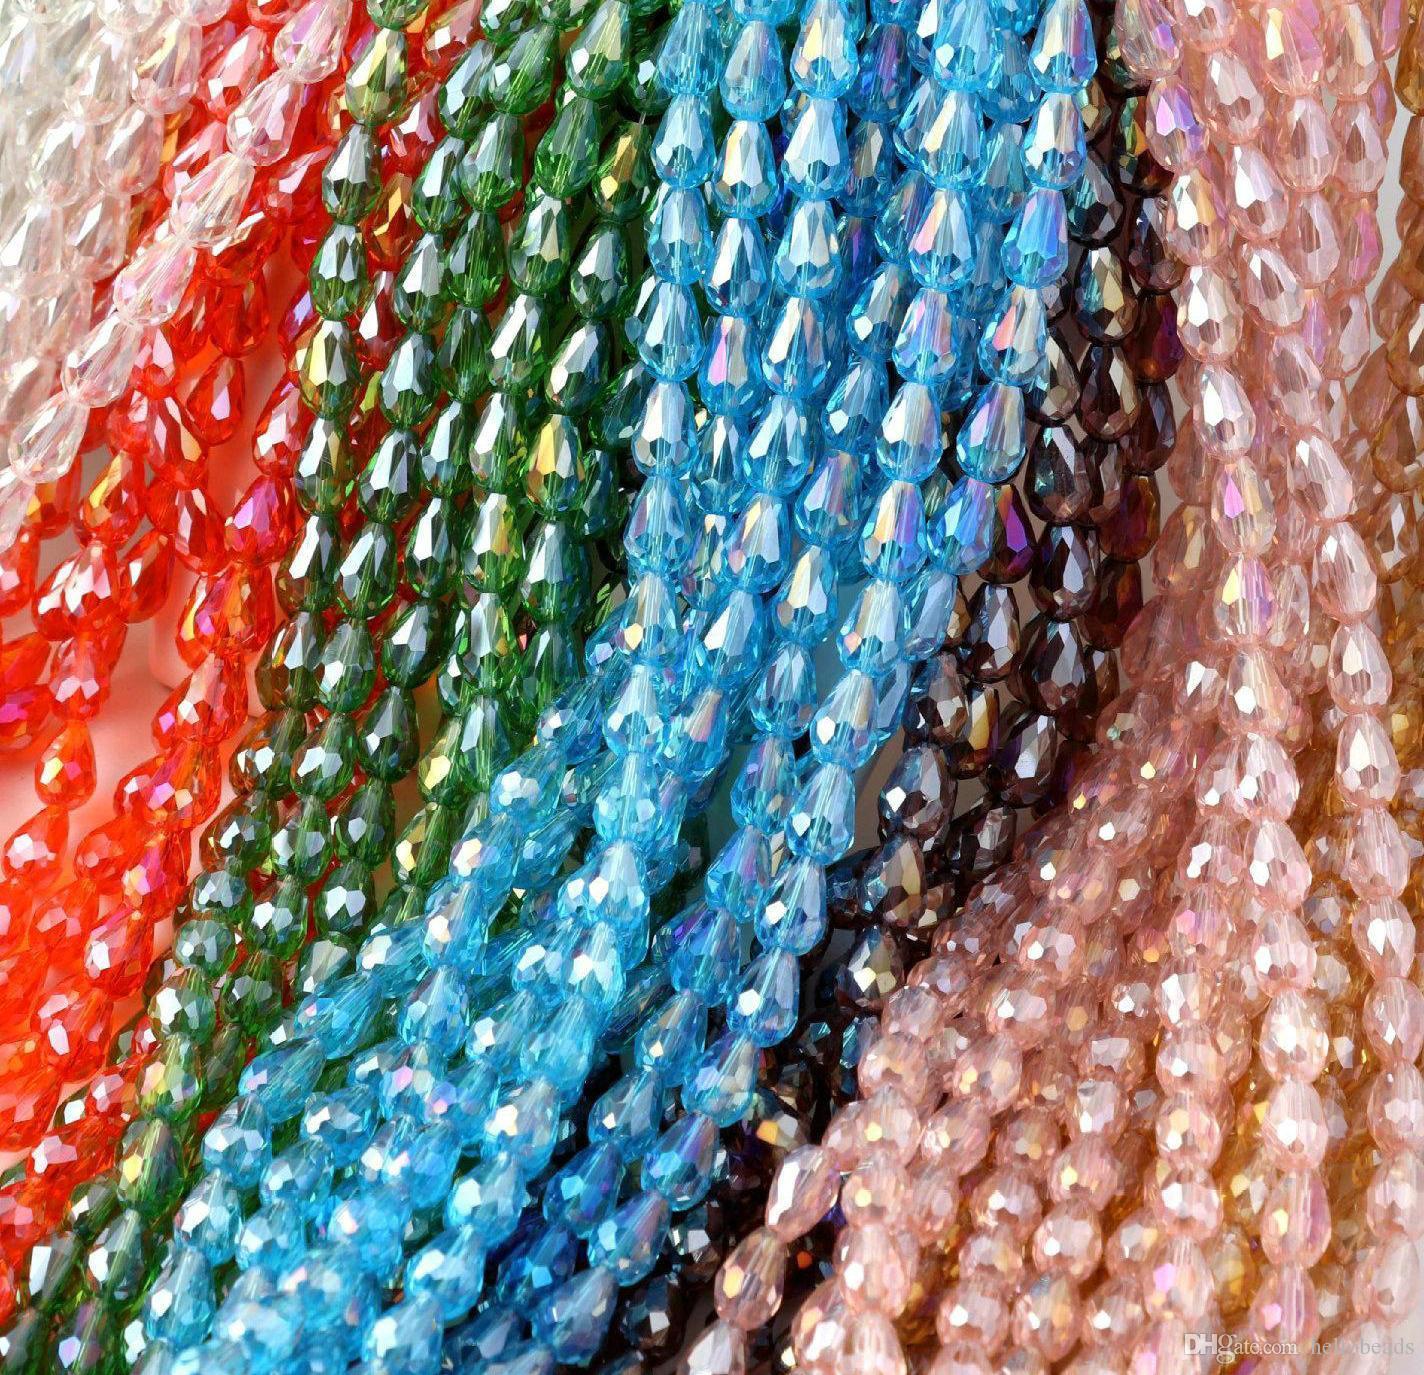 6x8mm Colorful AB Tear-drop perline di vetro cristallo sfaccettato per orecchini bracciale collana FAI DA TE GIOIELLI